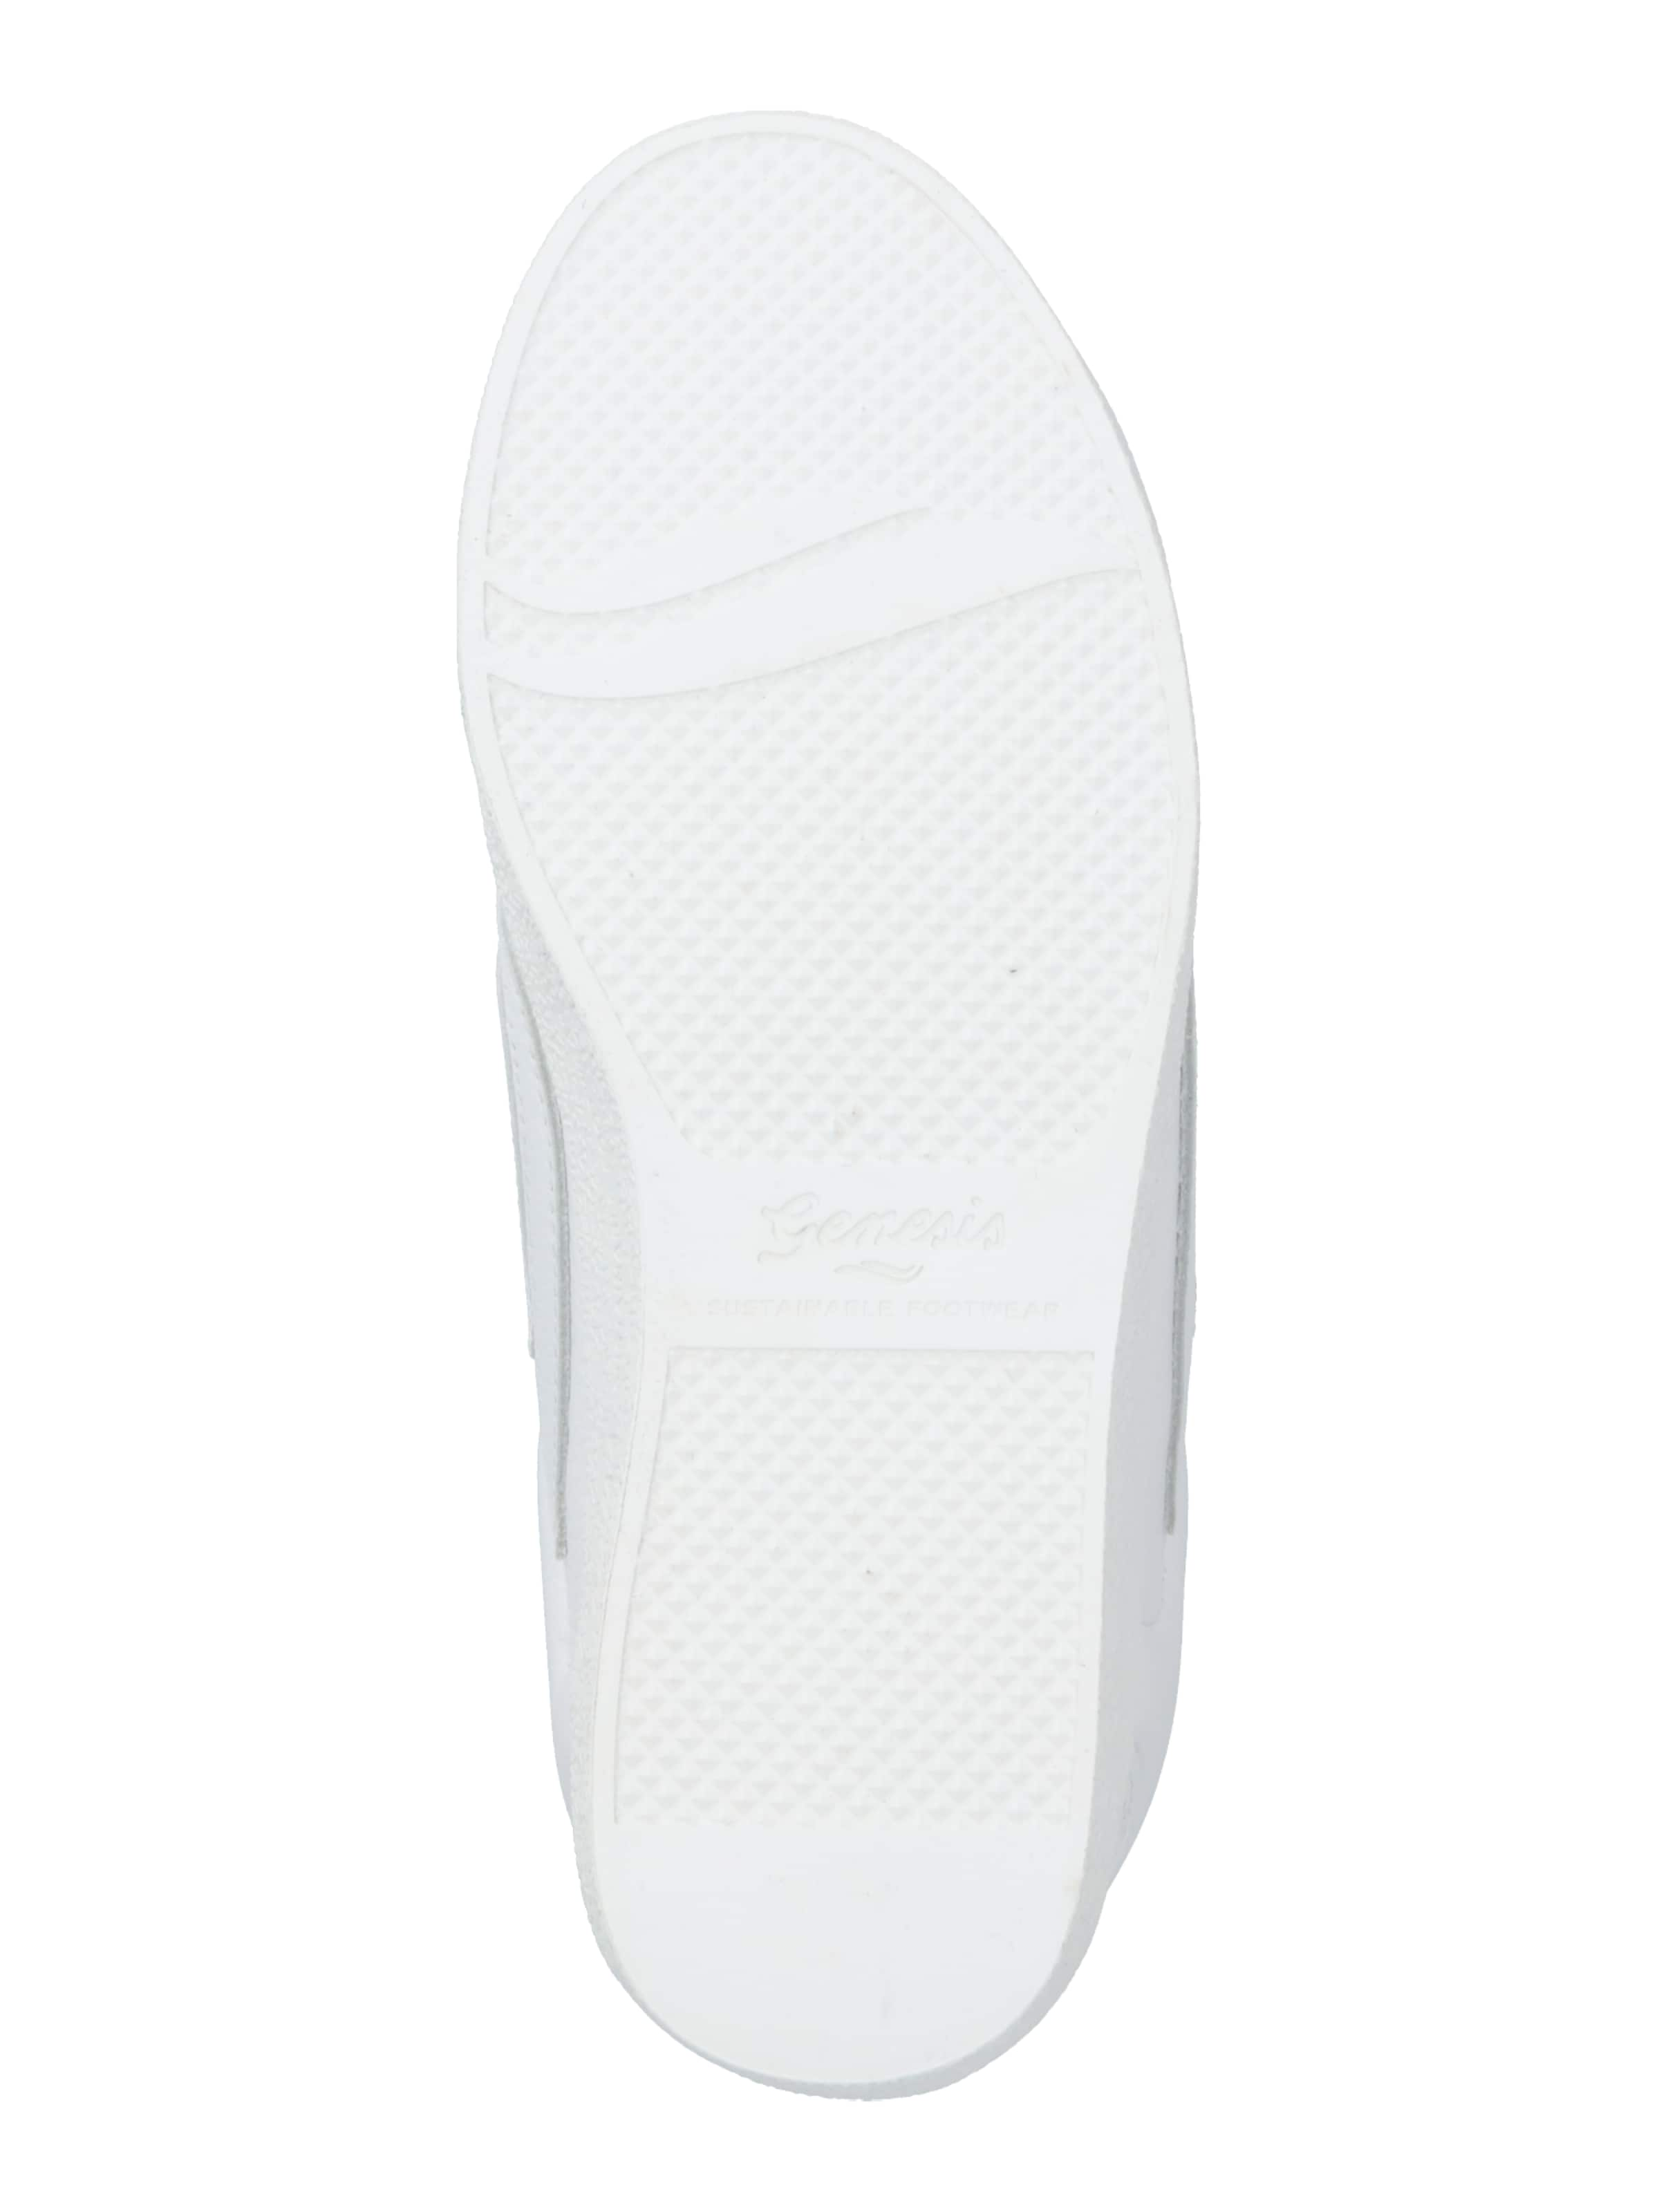 GENESIS Rövid szárú edzőcipők 'G-Helà Tumbled' fehér színben